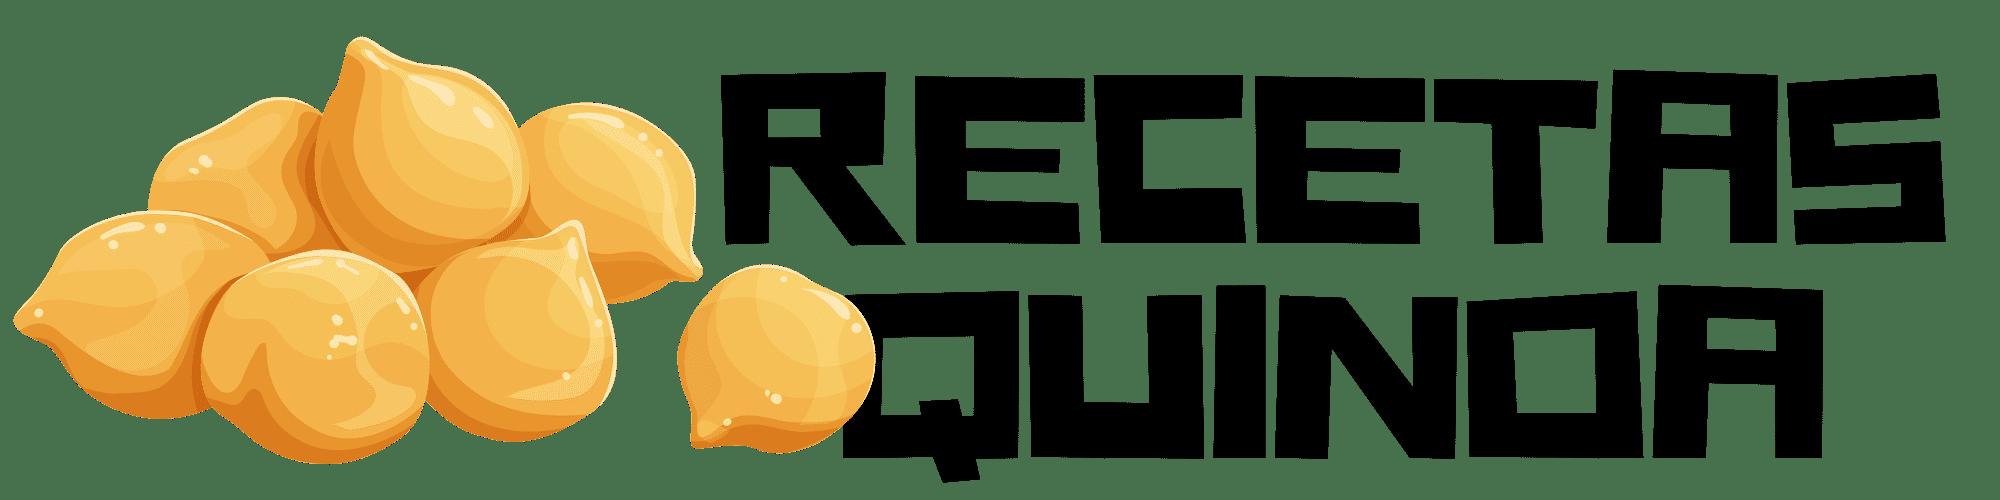 Recetas Quinoa Logo